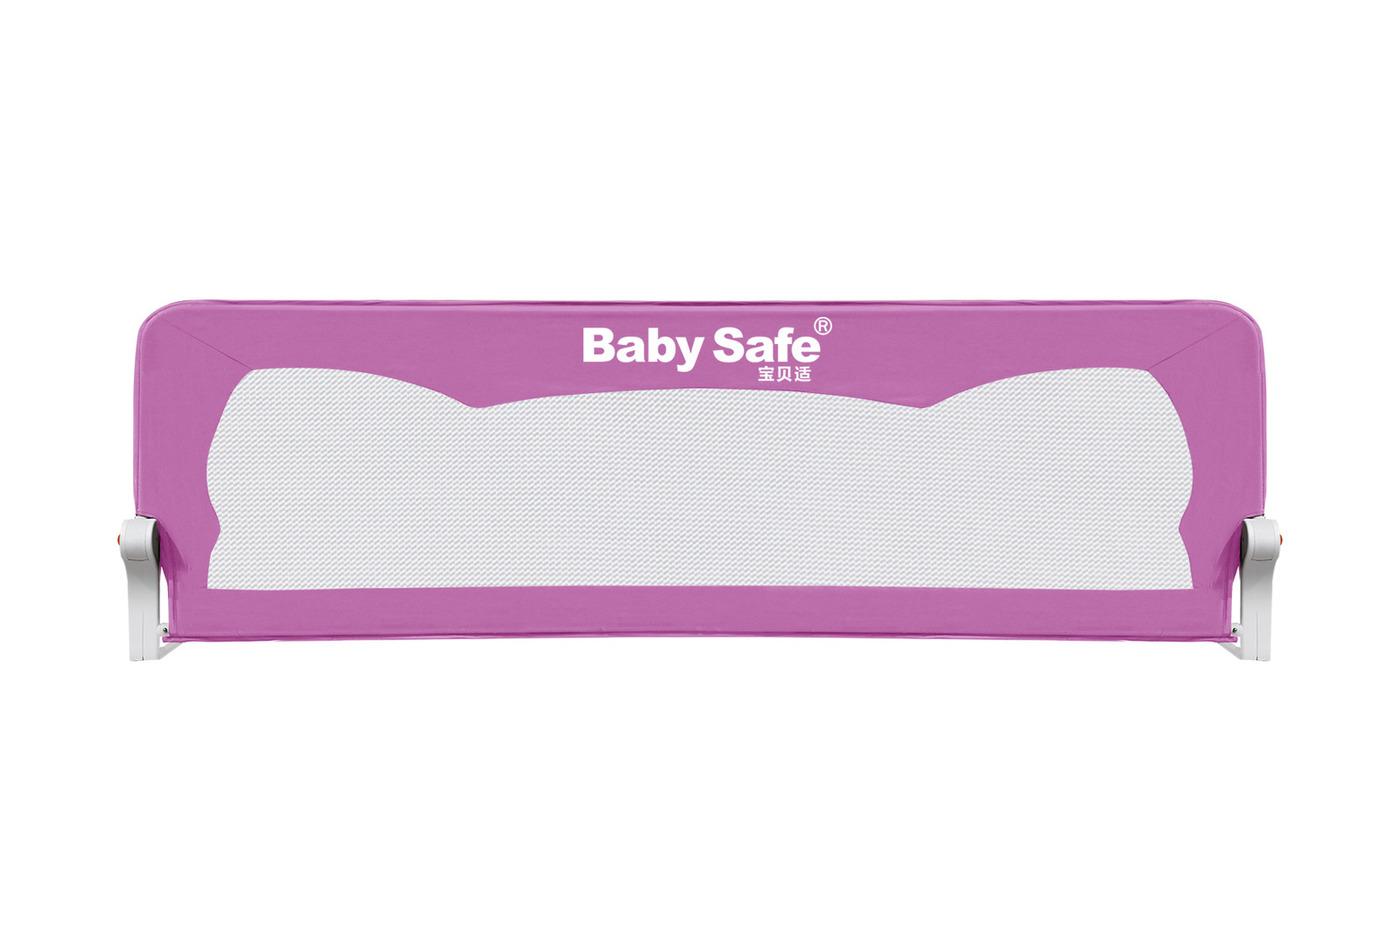 барьер для кровати беби сейф фото должен быть